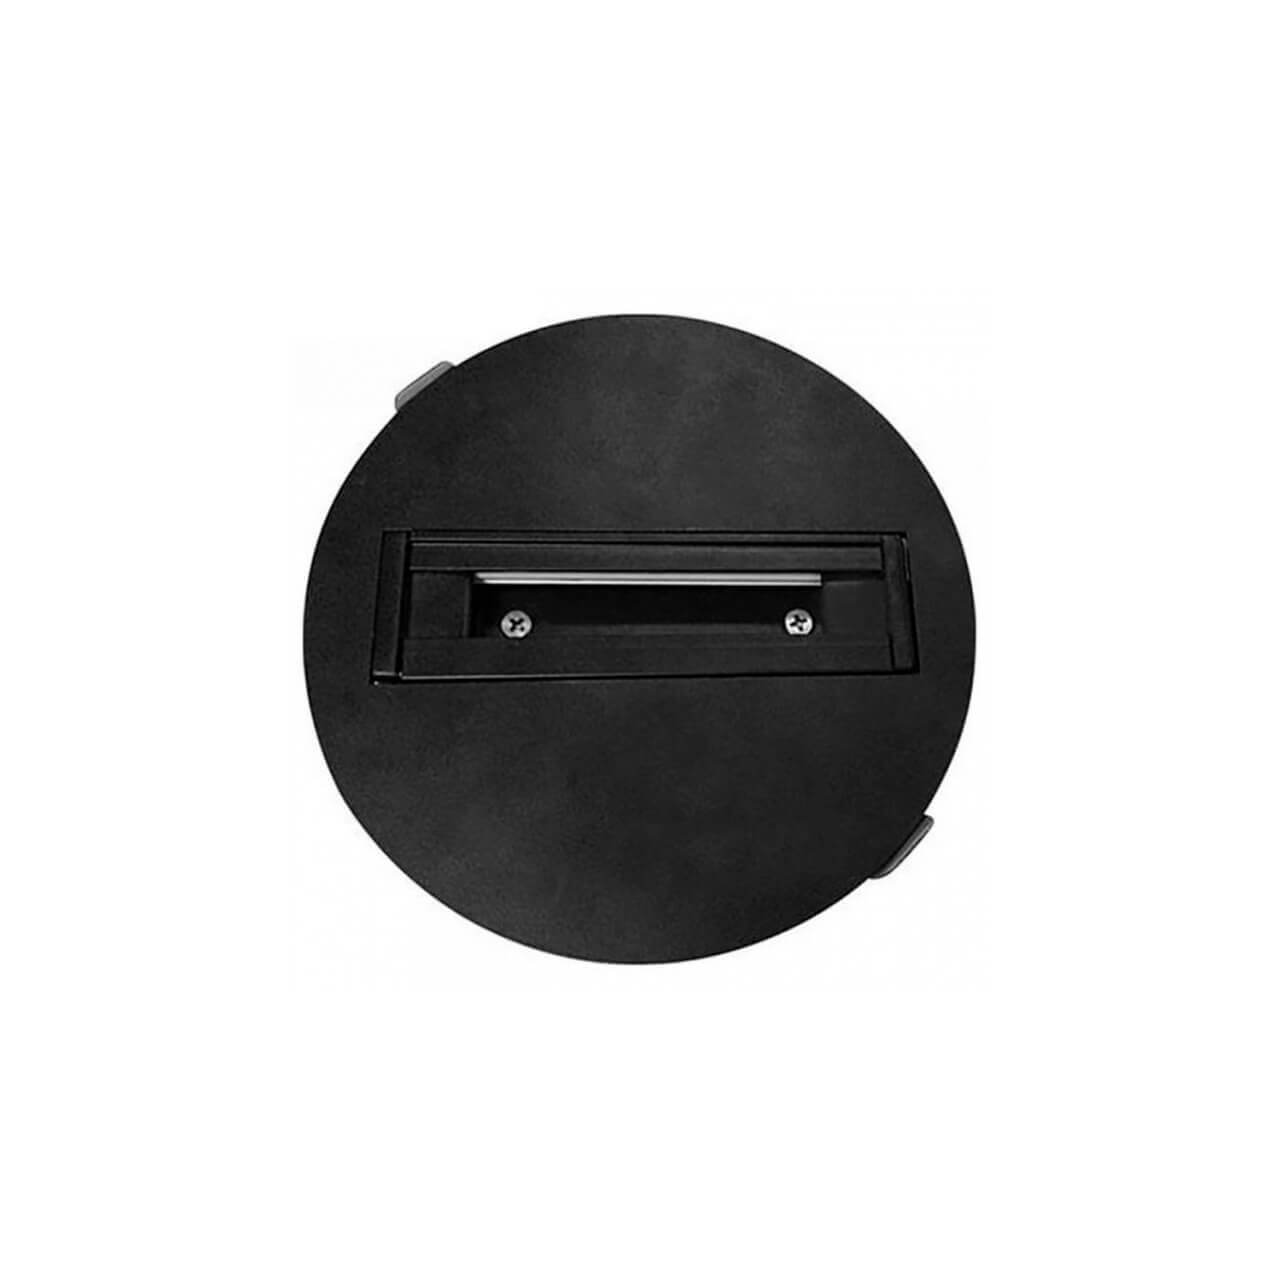 Встраиваемый шинопровод Horoz черный 098-001-0001 цена